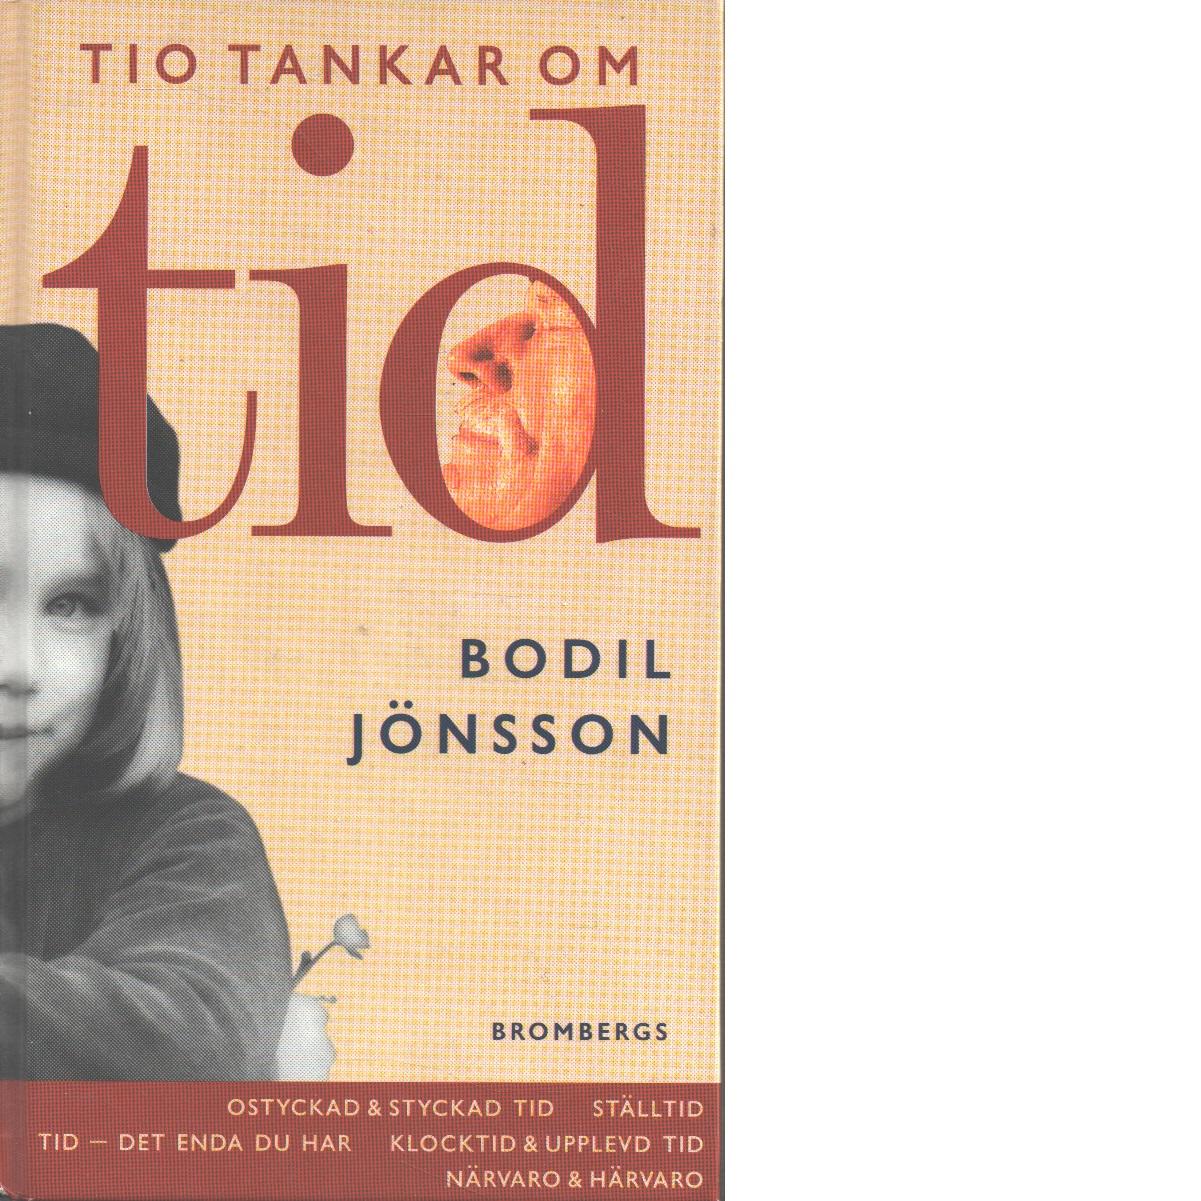 Tio tankar om tid : [ostyckad & styckad tid, ställtid, tid - det enda du har, klocktid & upplevd tid, närvaro & härvaro] - Jönsson, Bodil